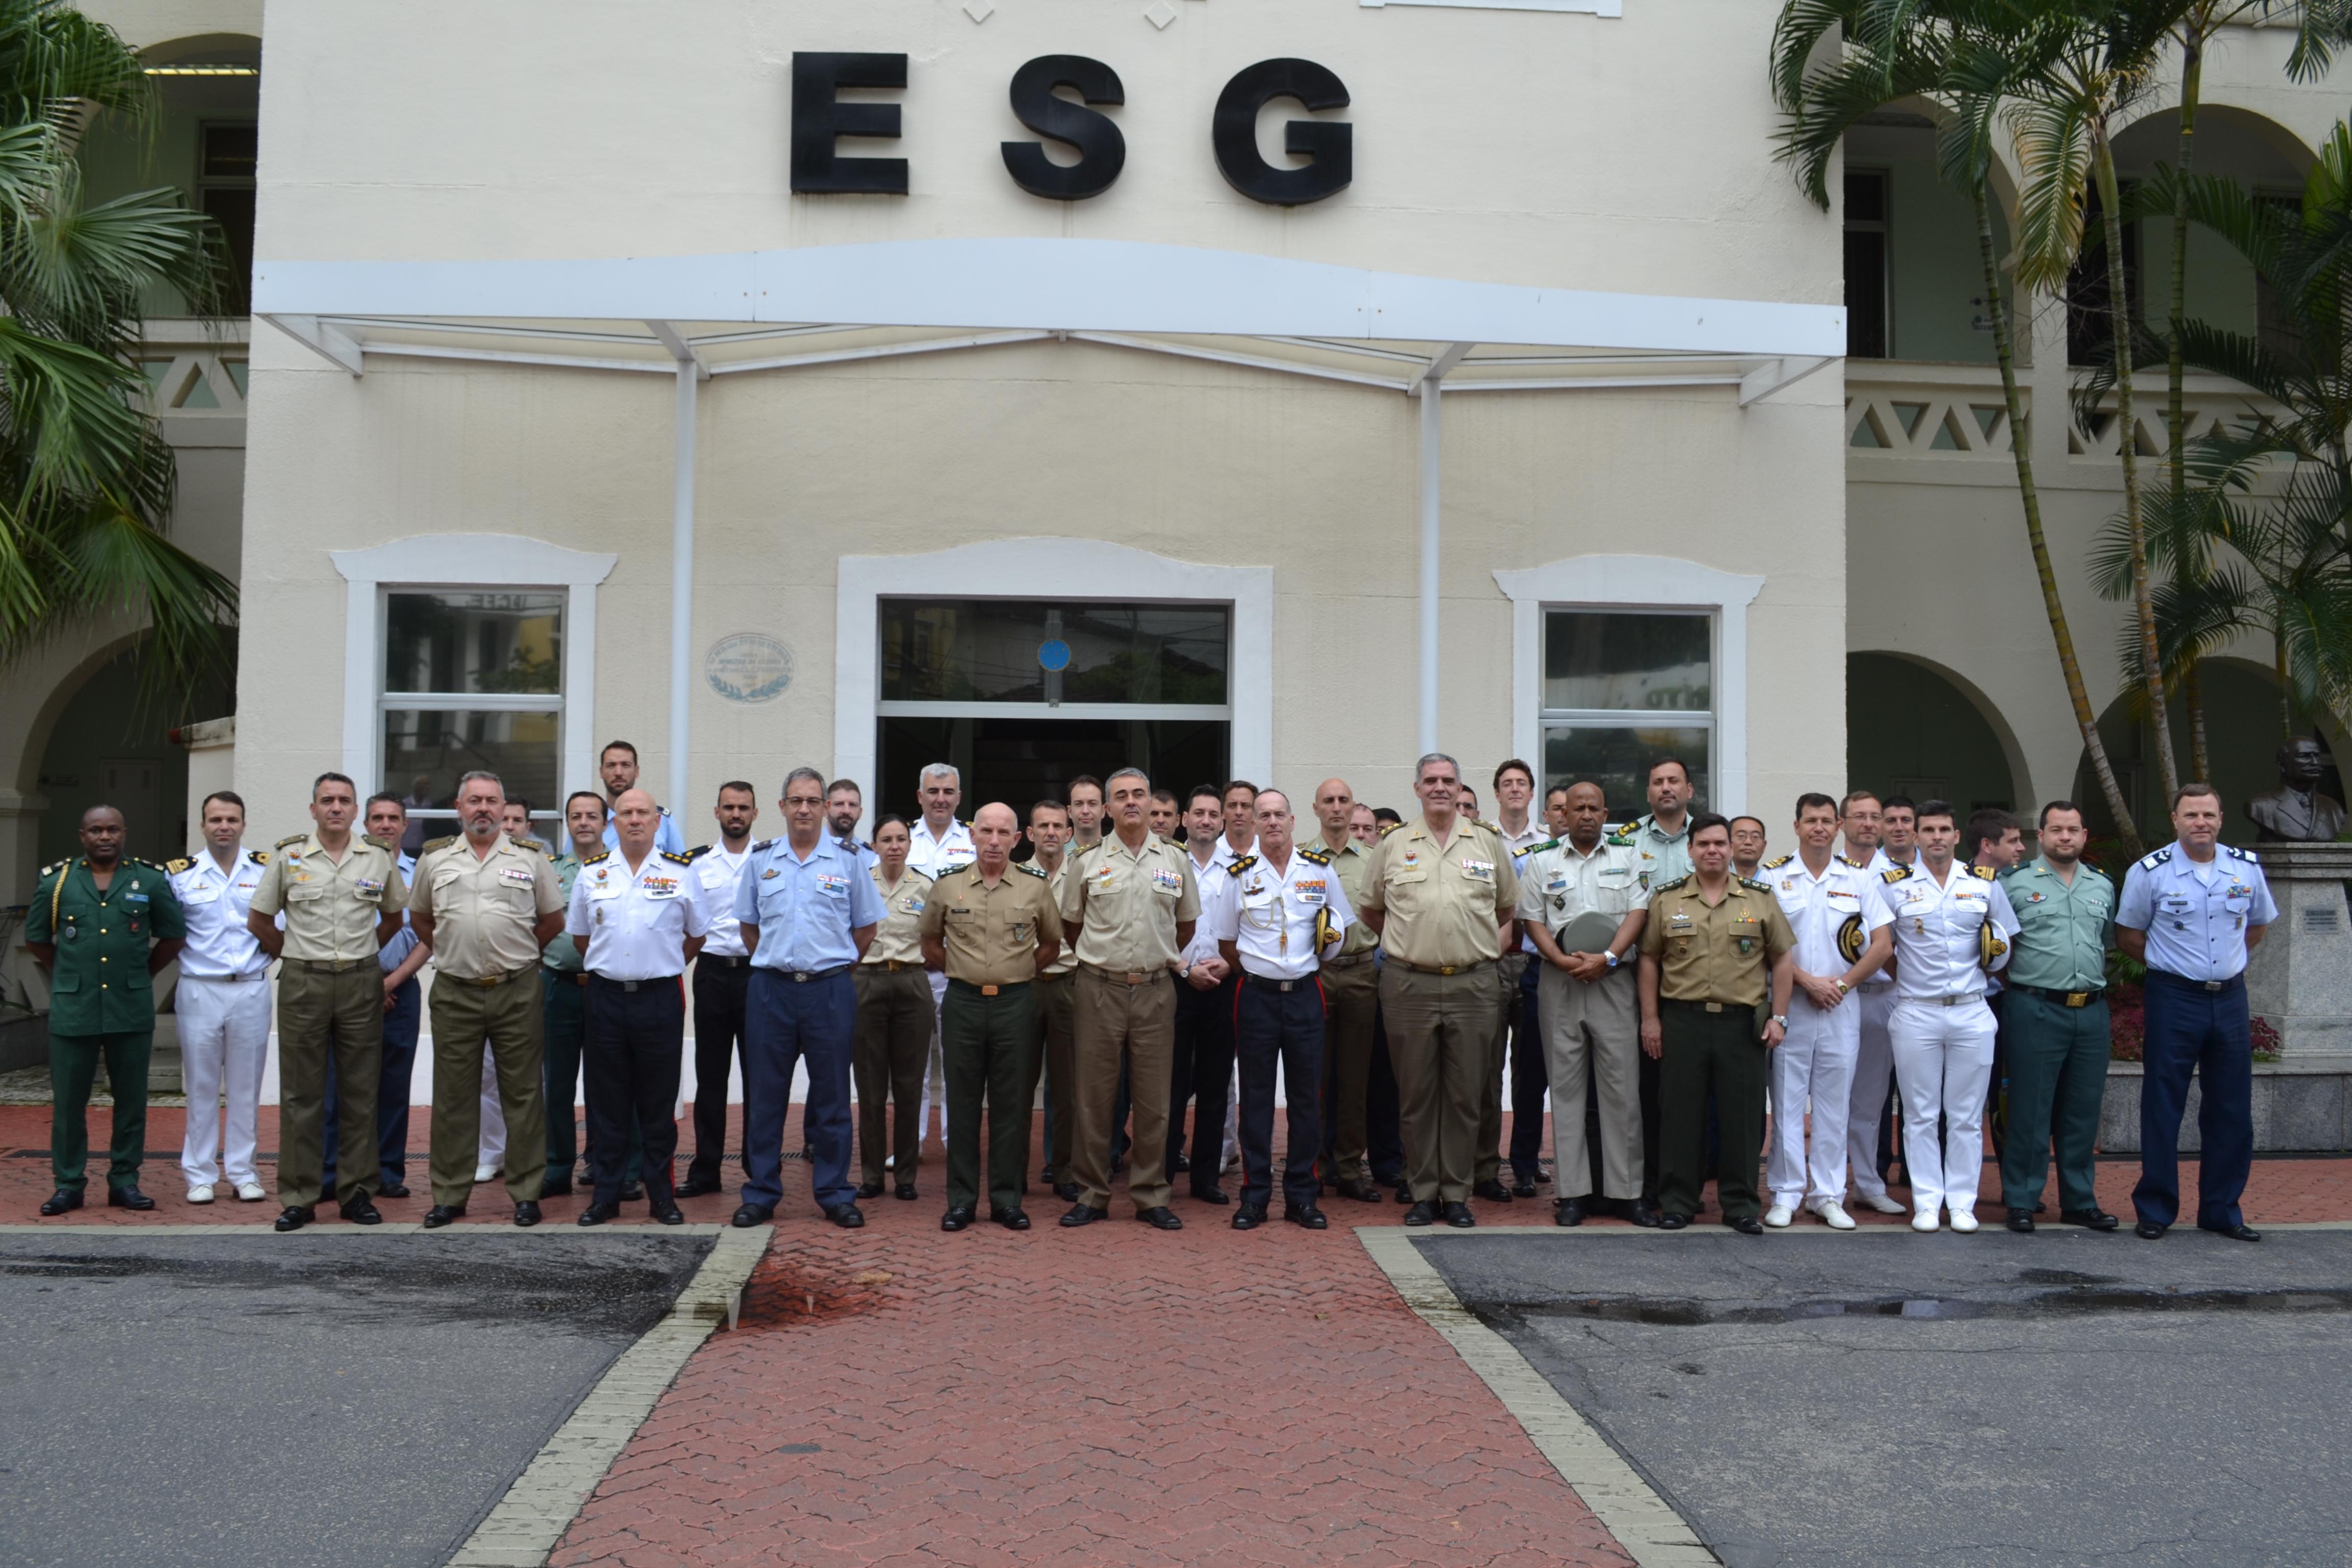 ESG recebe visita da Comitiva da Espanha